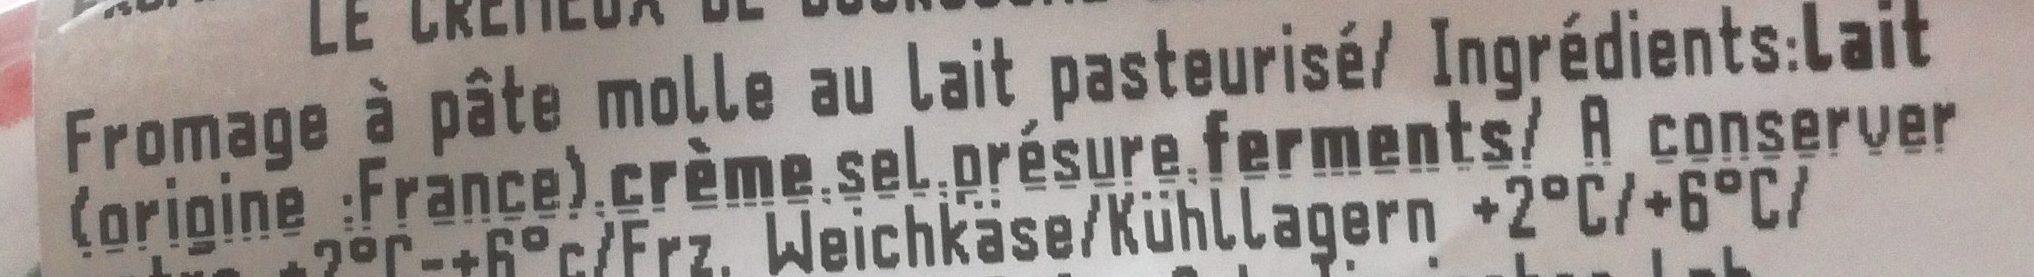 Crémeux de bourgogne - Ingrédients - fr